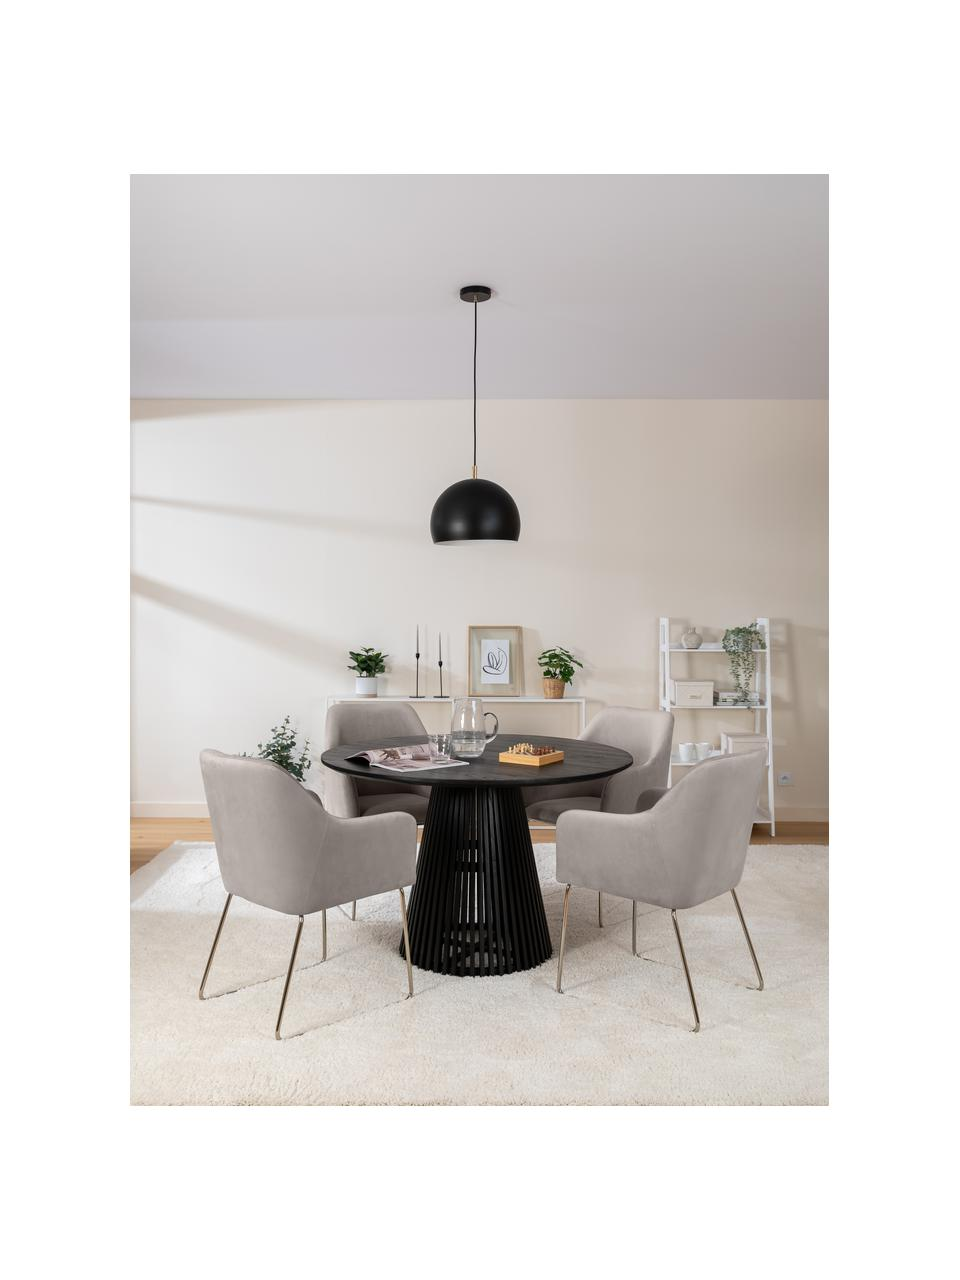 Sedia in velluto taupe Ava, Rivestimento: velluto (100% poliestere), Gambe: metallo zincato, Velluto taupe, gambe oro, Larg. 57 x Prof. 63 cm